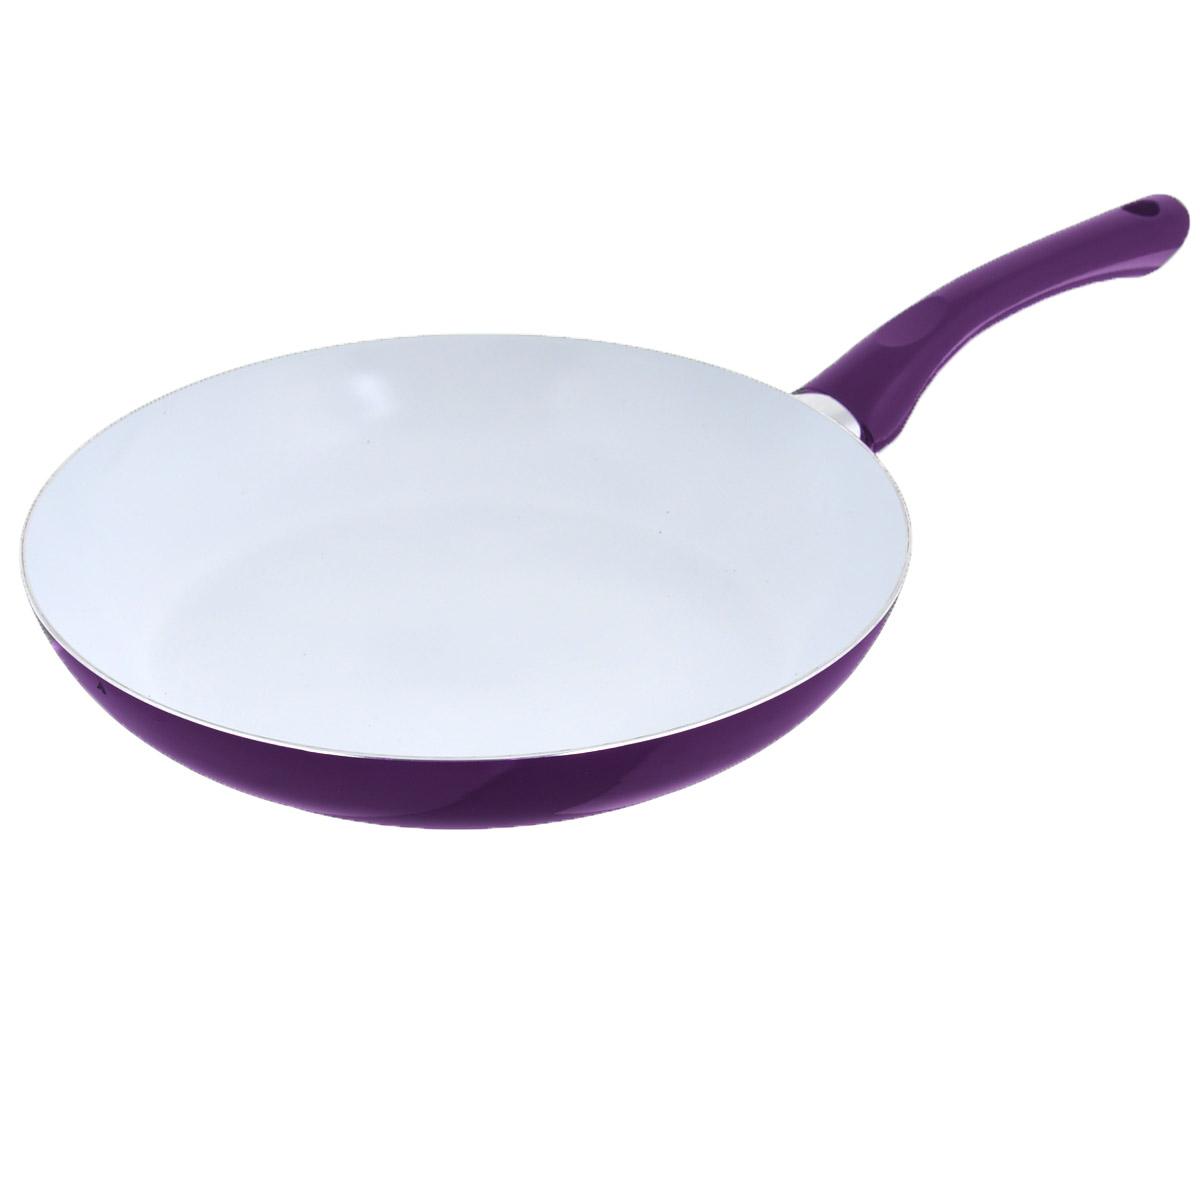 Сковорода Bekker, с керамическим покрытием, цвет: фиолетовый. Диаметр 28 см. BK-3704BK-3704Сковорода Bekker изготовлена из алюминия с внутренним керамическим покрытием. Благодаря этому пища не пригорает и не прилипает к стенкам. Готовить можно с минимальным количеством масла и жиров. Гладкая поверхность обеспечивает легкость ухода за посудой. Внешнее покрытие - цветной жаростойкий лак. Изделие оснащено удобной бакелитовой ручкой, которая не нагревается в процессе готовки.Сковорода подходит для использования на всех типах кухонных плит, кроме индукционных, а также ее можно мыть в посудомоечной машине. Высота стенки: 5 см.Толщина стенки: 2,5 мм.Толщина дна: 2,5 мм.Длина ручки: 18 см.Диаметр основания: 20 см.